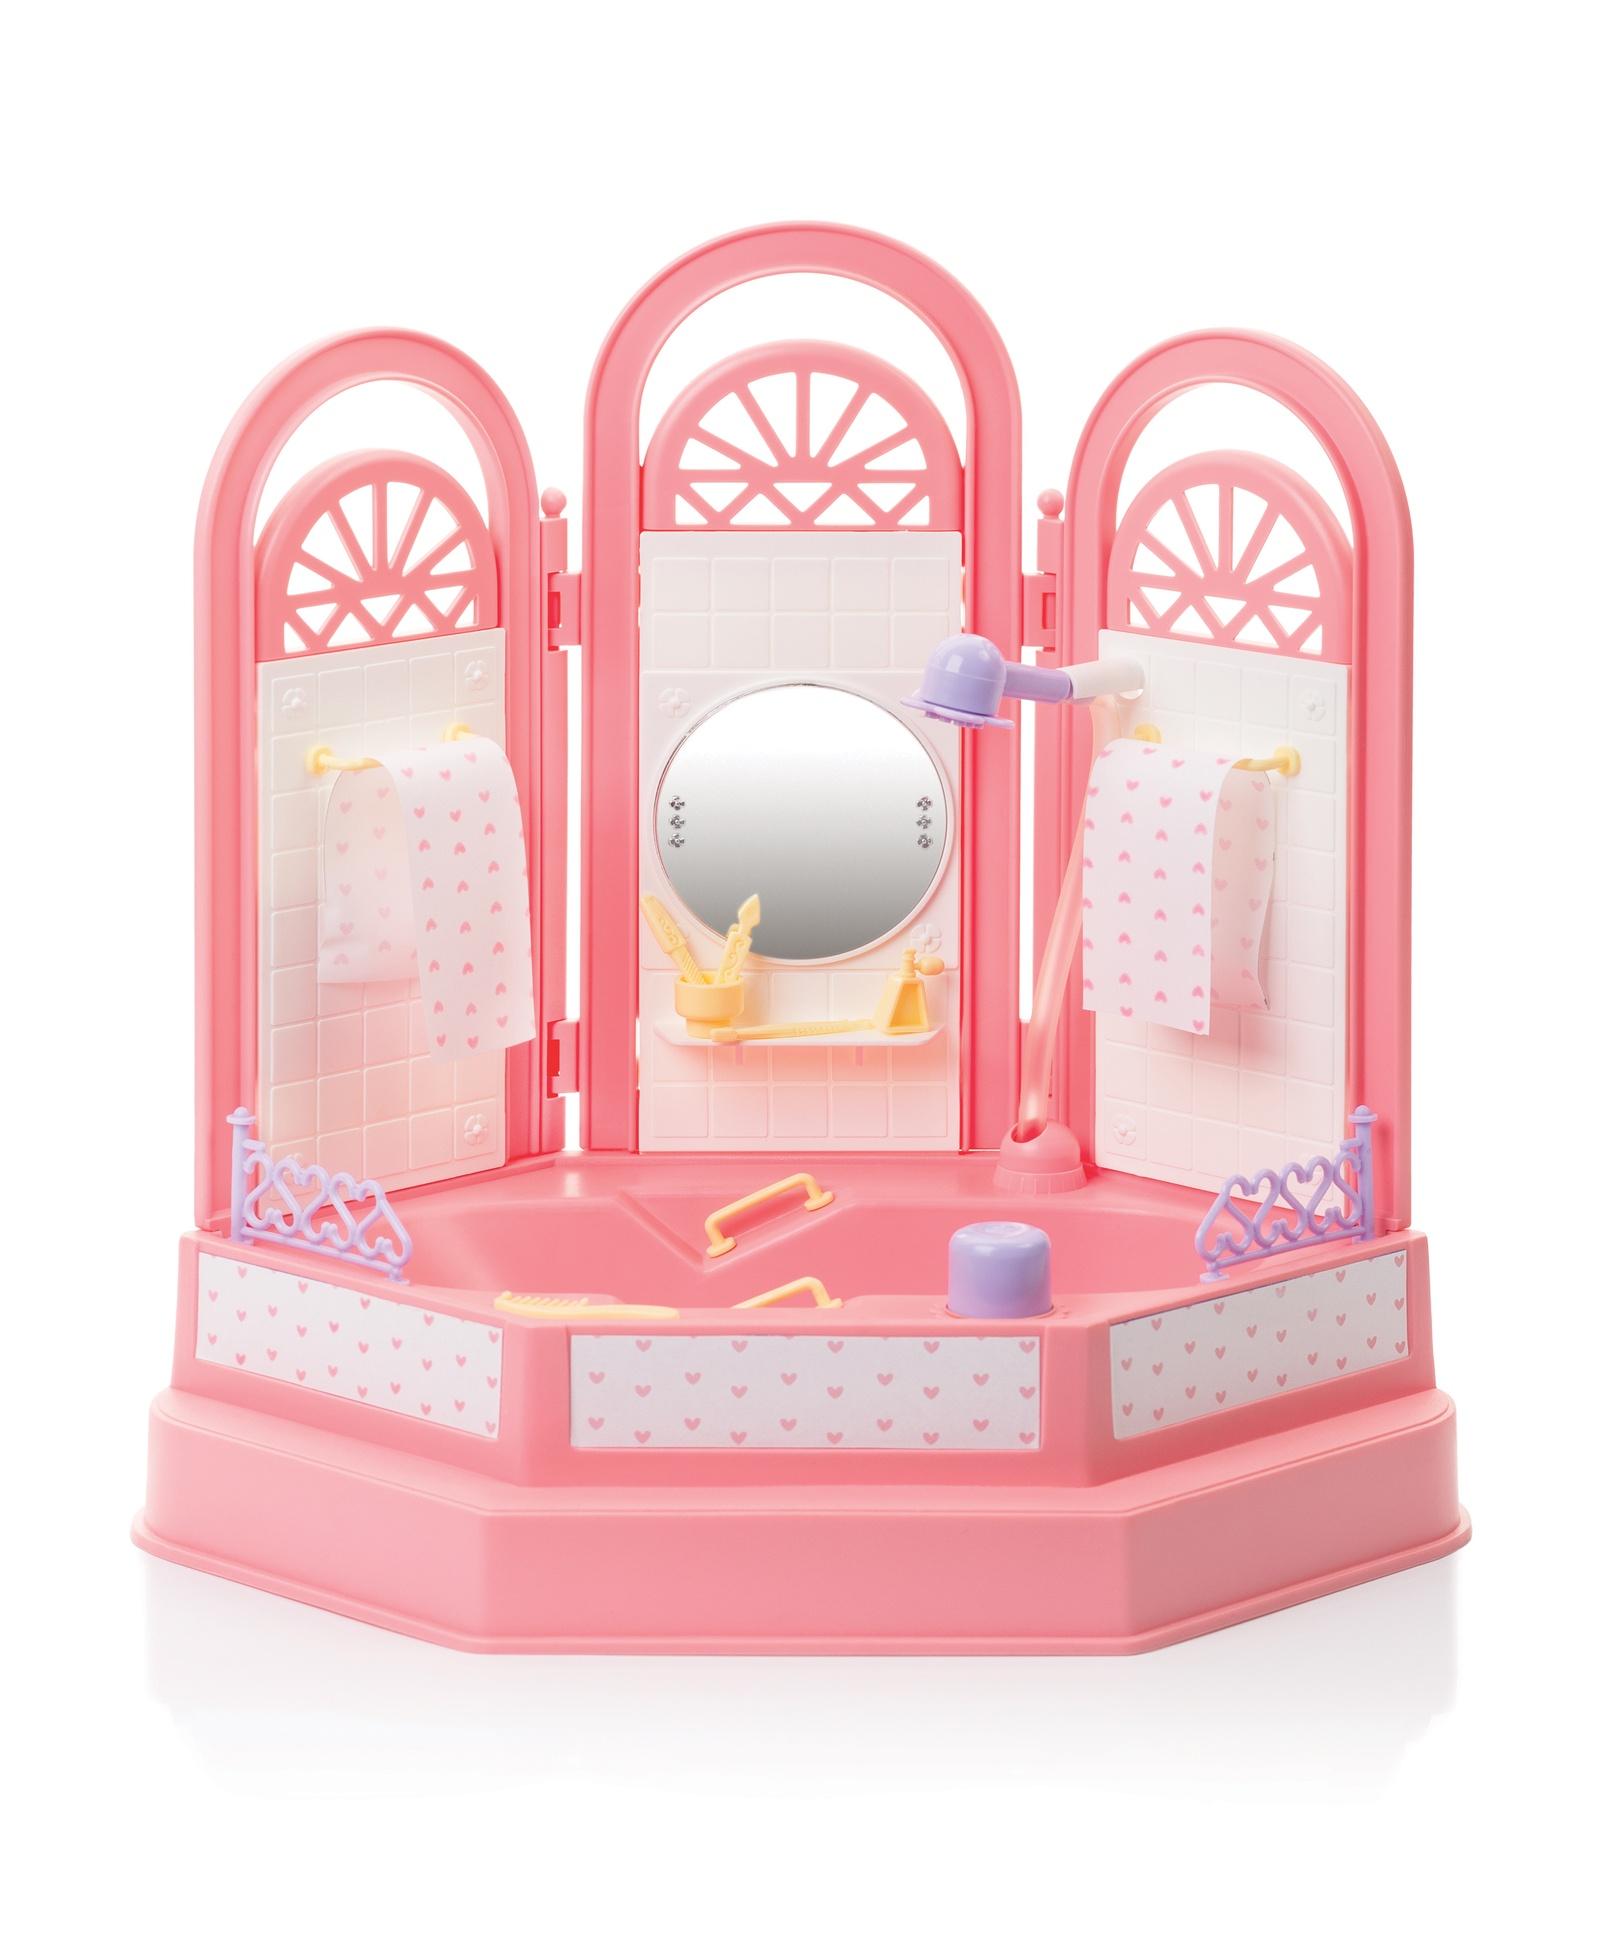 Аксессуар для кукол ОГОНЕК Маленькая принцесса, С-1335